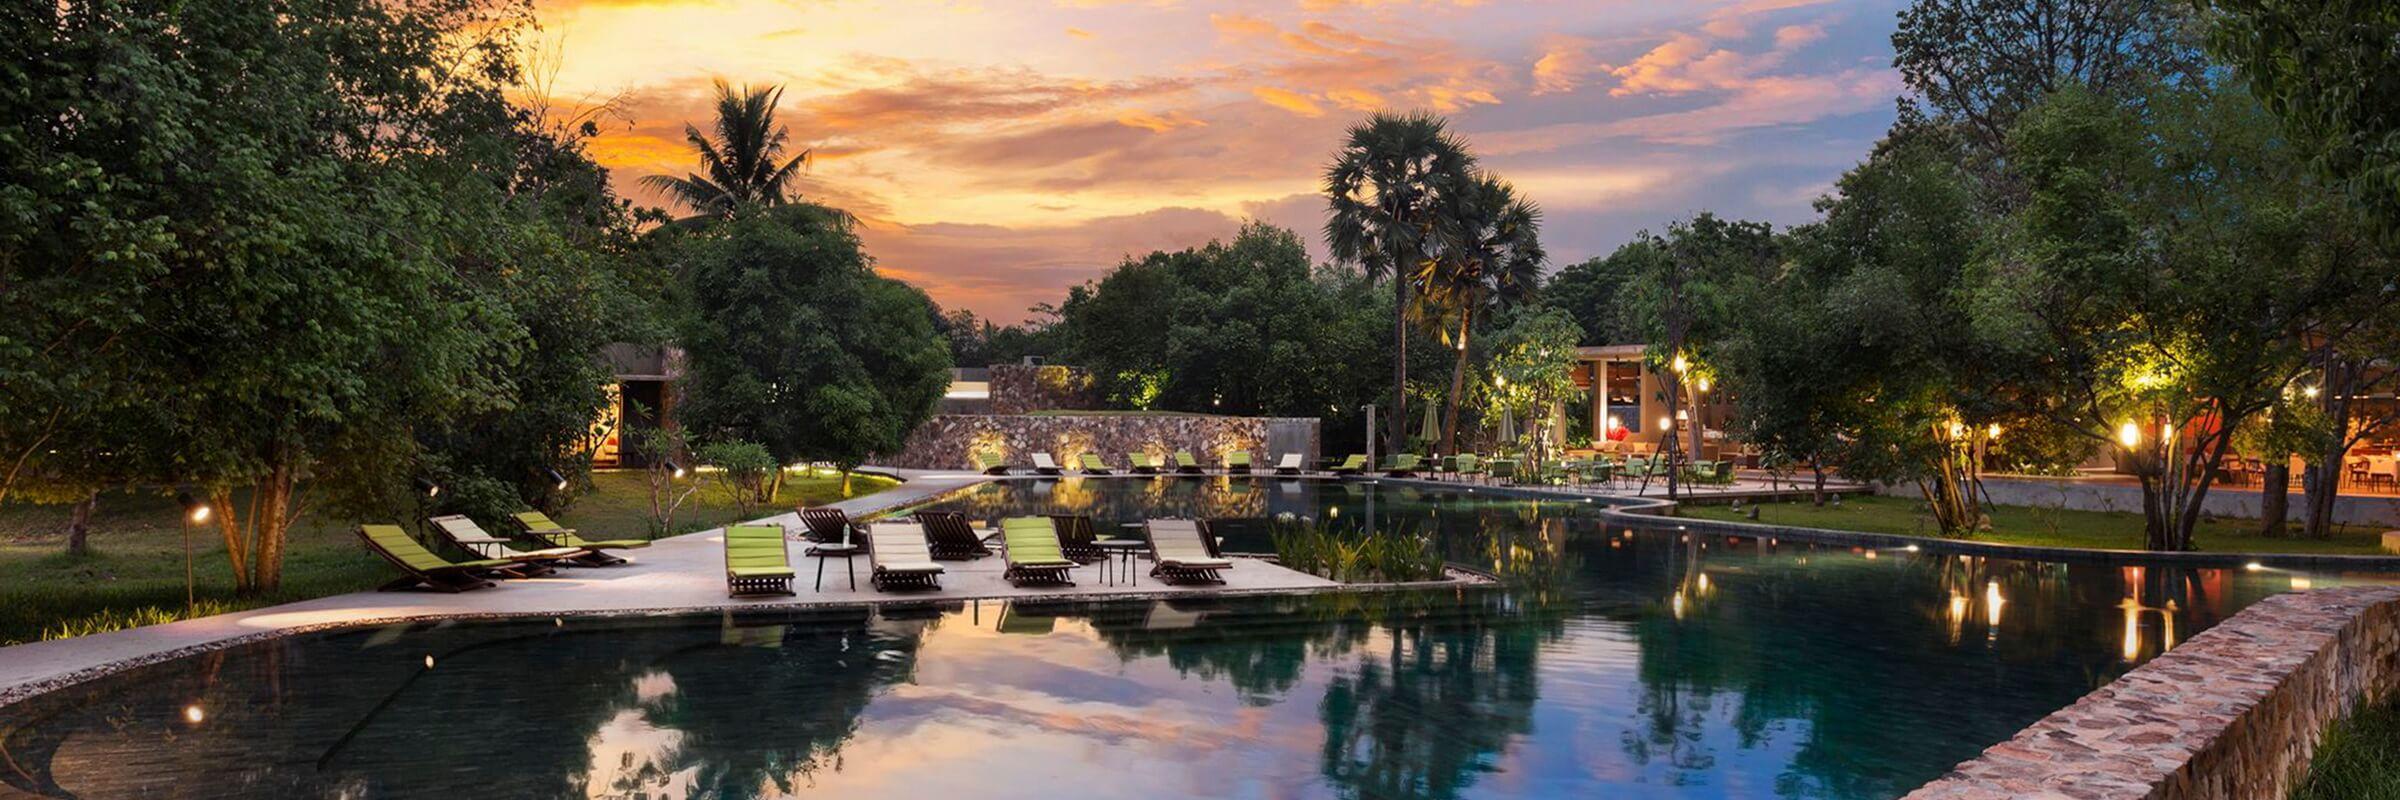 Der Pool- und Gartenbereich mit Terrassenlandschaft des Templation Angkor Hotel in Siem Reap, Kambodscha